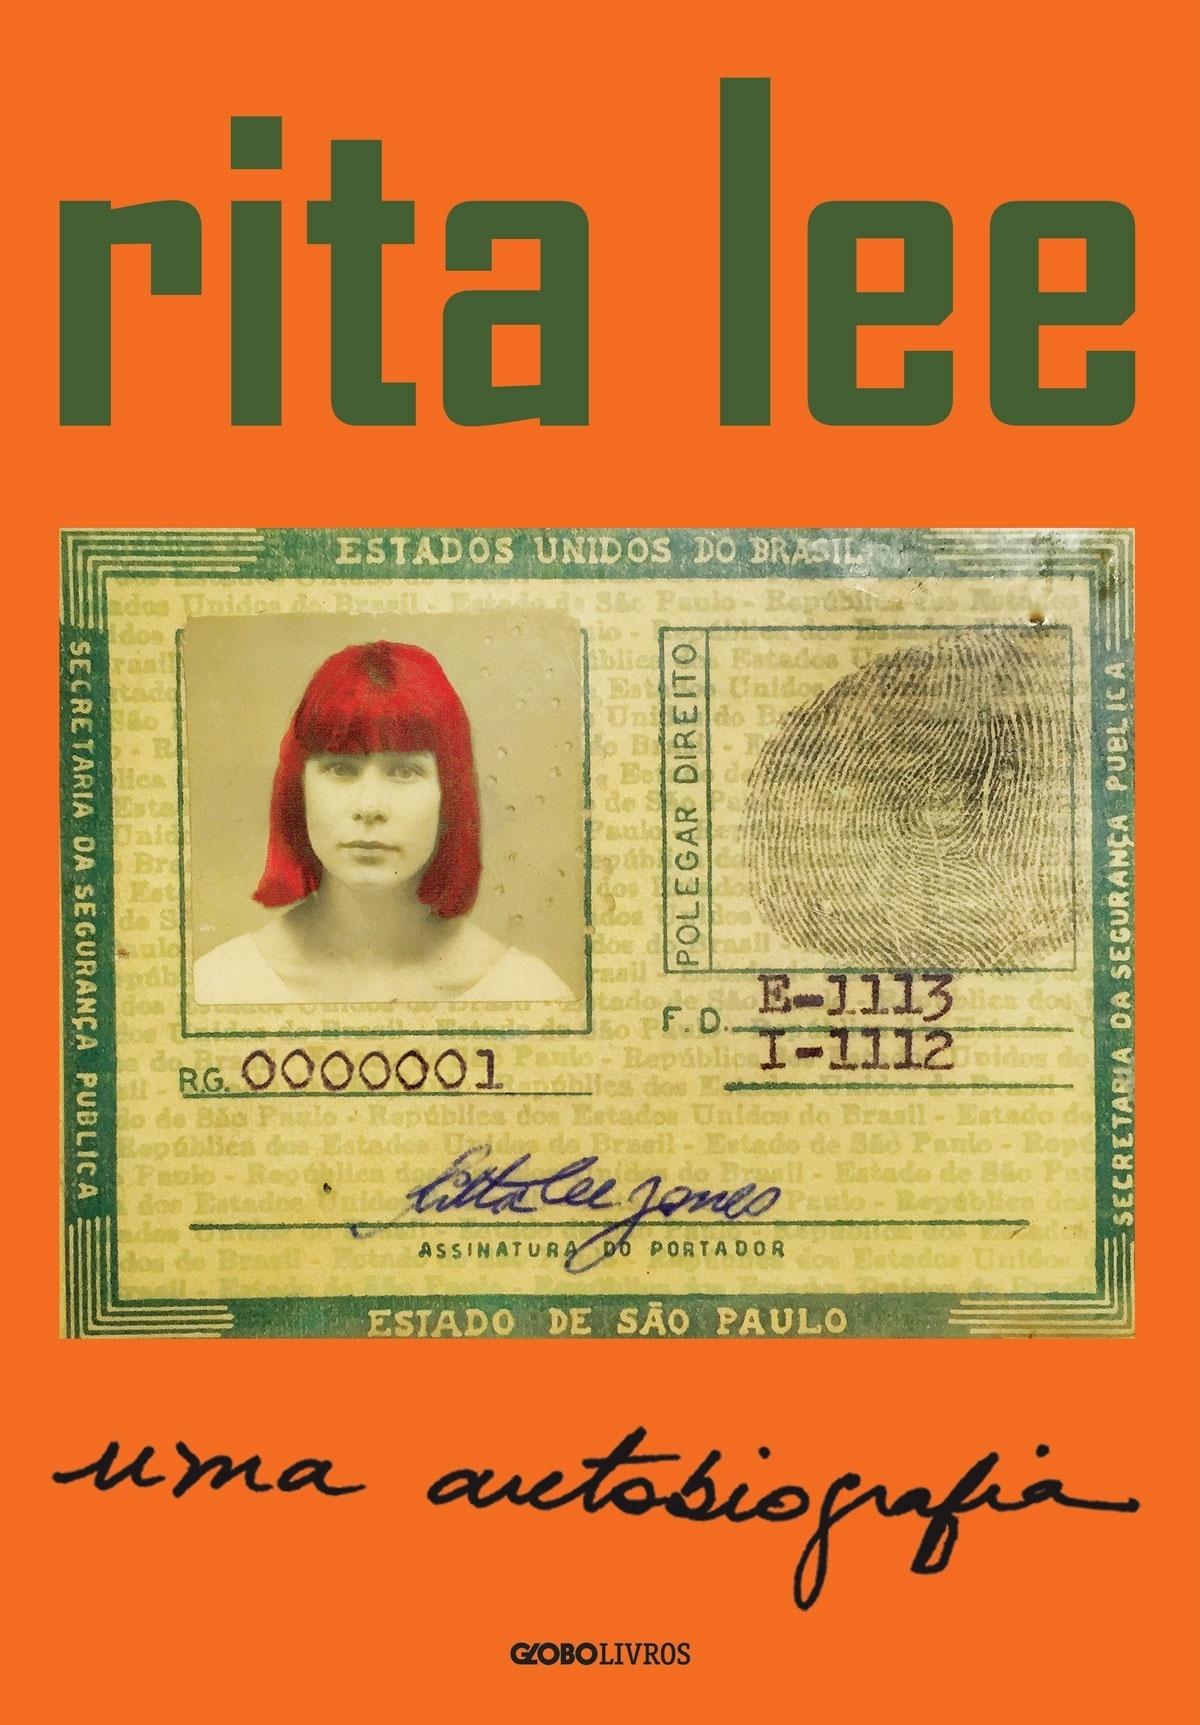 Capa autobiografia Rita Lee